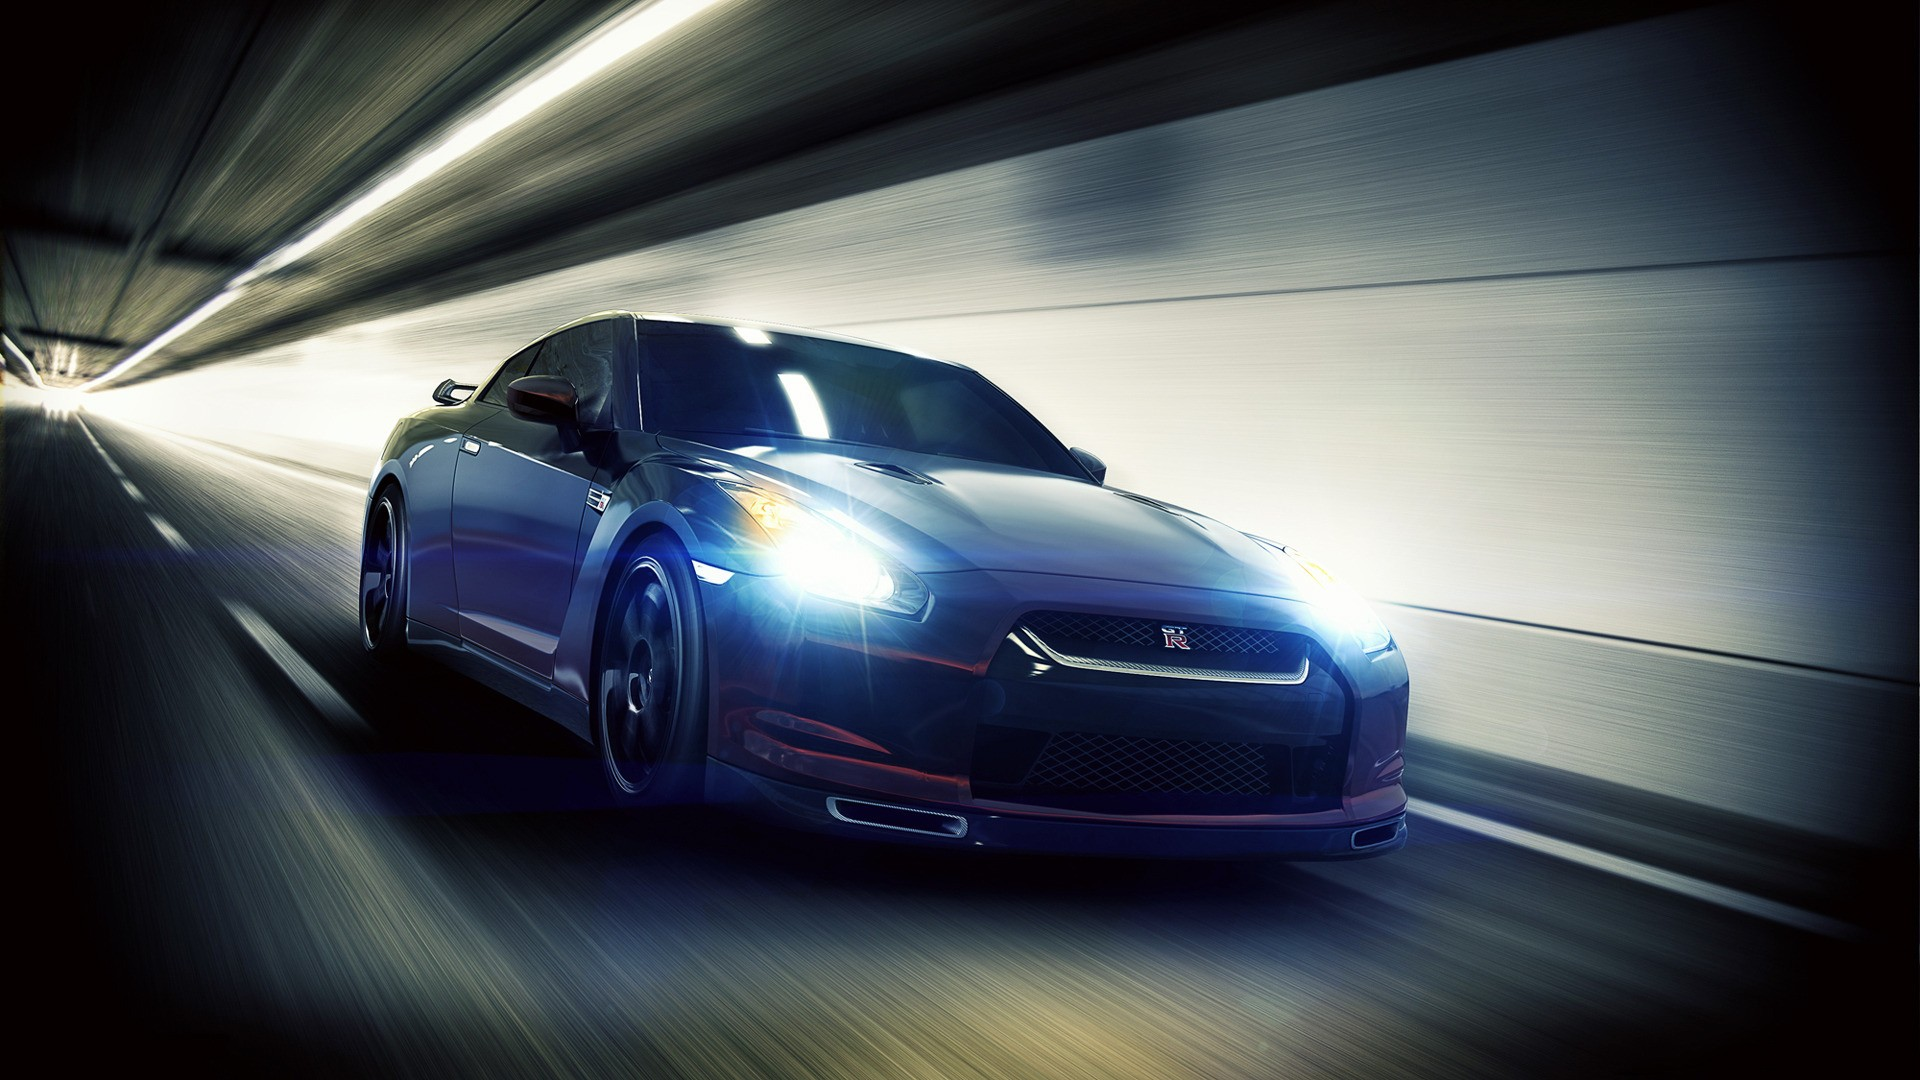 Невероятные и красивые обои, картинки - Nissan GT-R 19